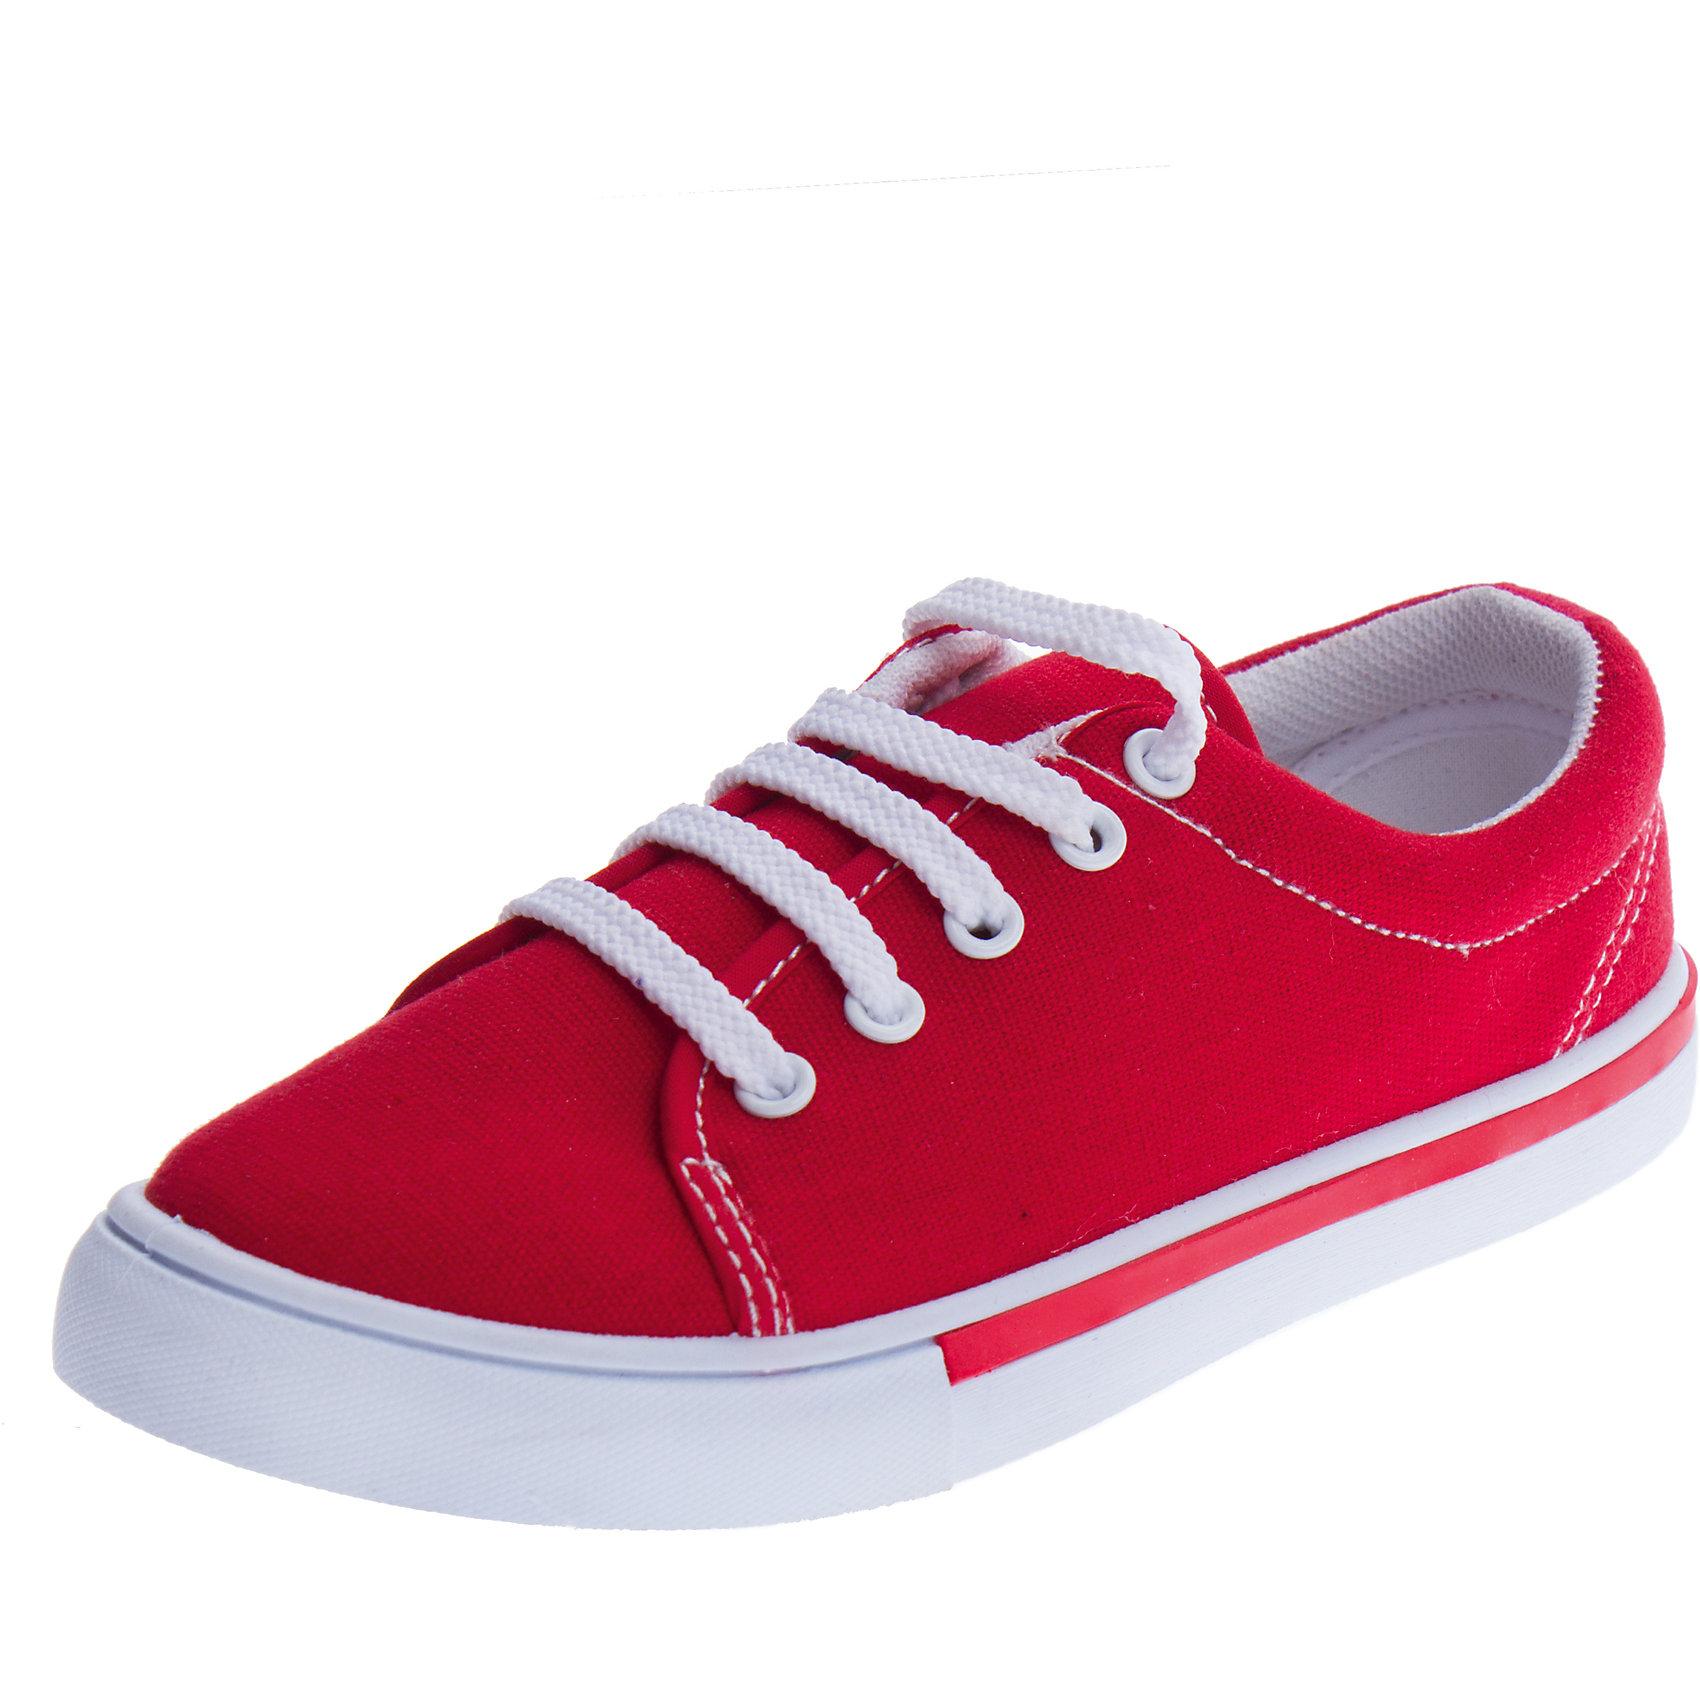 Полуботинки для мальчика ScoolПолуботинки для мальчика Scool <br><br>Состав: 100% текстиль <br><br>Яркий красный цвет<br>Материал верха и подкладки - текстиль<br>Резиновая подошва с рифлением<br><br>Ширина мм: 262<br>Глубина мм: 176<br>Высота мм: 97<br>Вес г: 427<br>Цвет: красный<br>Возраст от месяцев: 108<br>Возраст до месяцев: 120<br>Пол: Мужской<br>Возраст: Детский<br>Размер: 35,36,31,34,33,32<br>SKU: 4508451